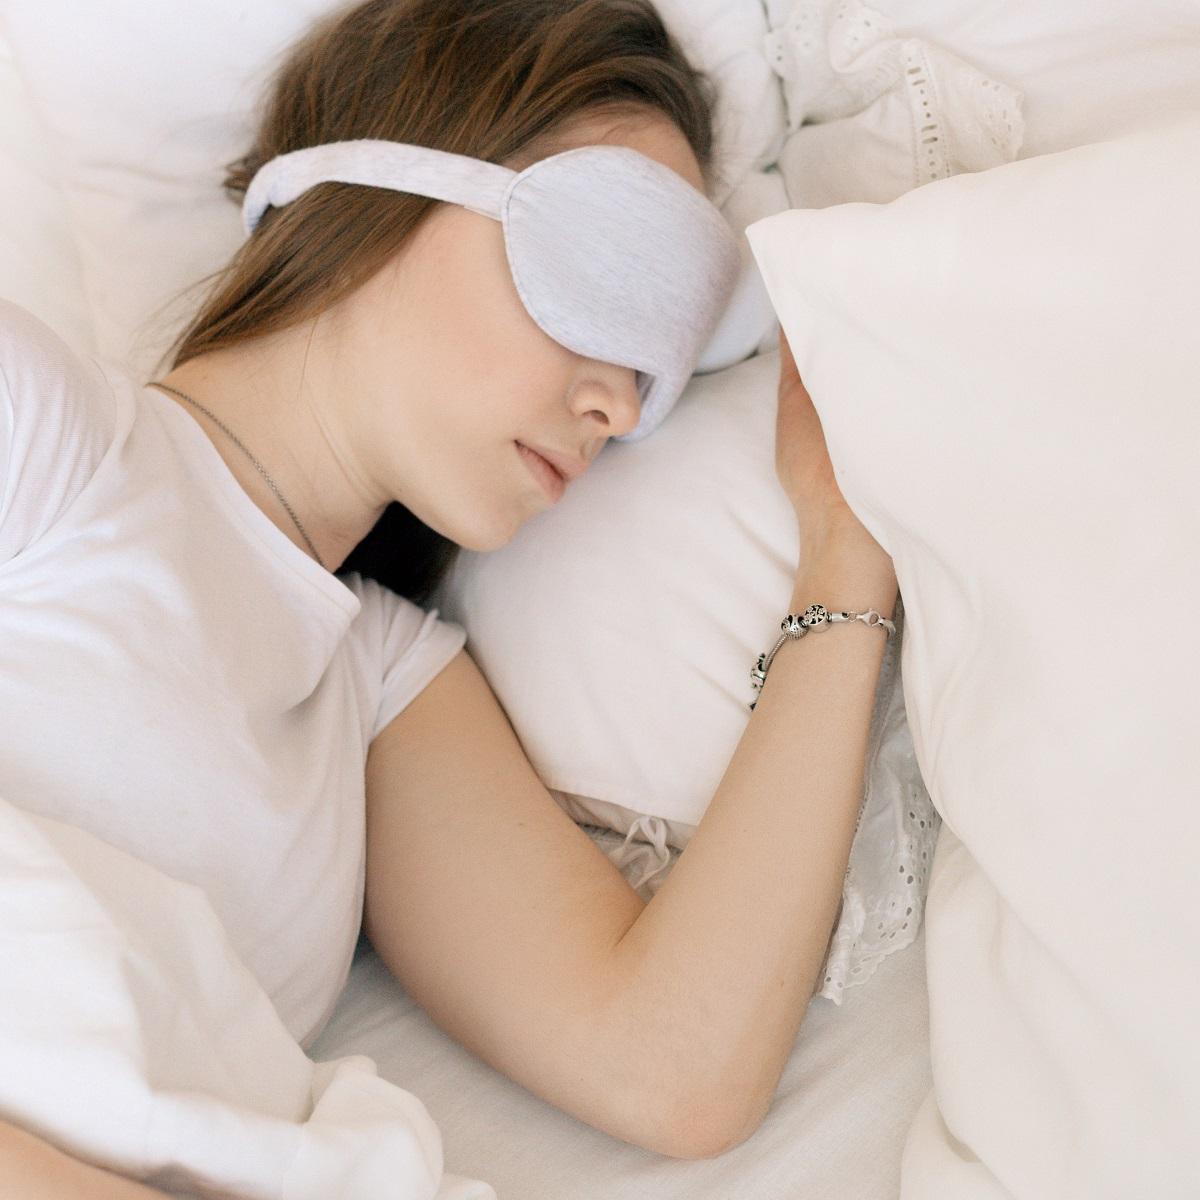 INSOMNIA JA UNEHÄIRED – Unetuse põhjused, tüsistused, looduslik ravi ja 8 uinumist soodustavat toidulisandit